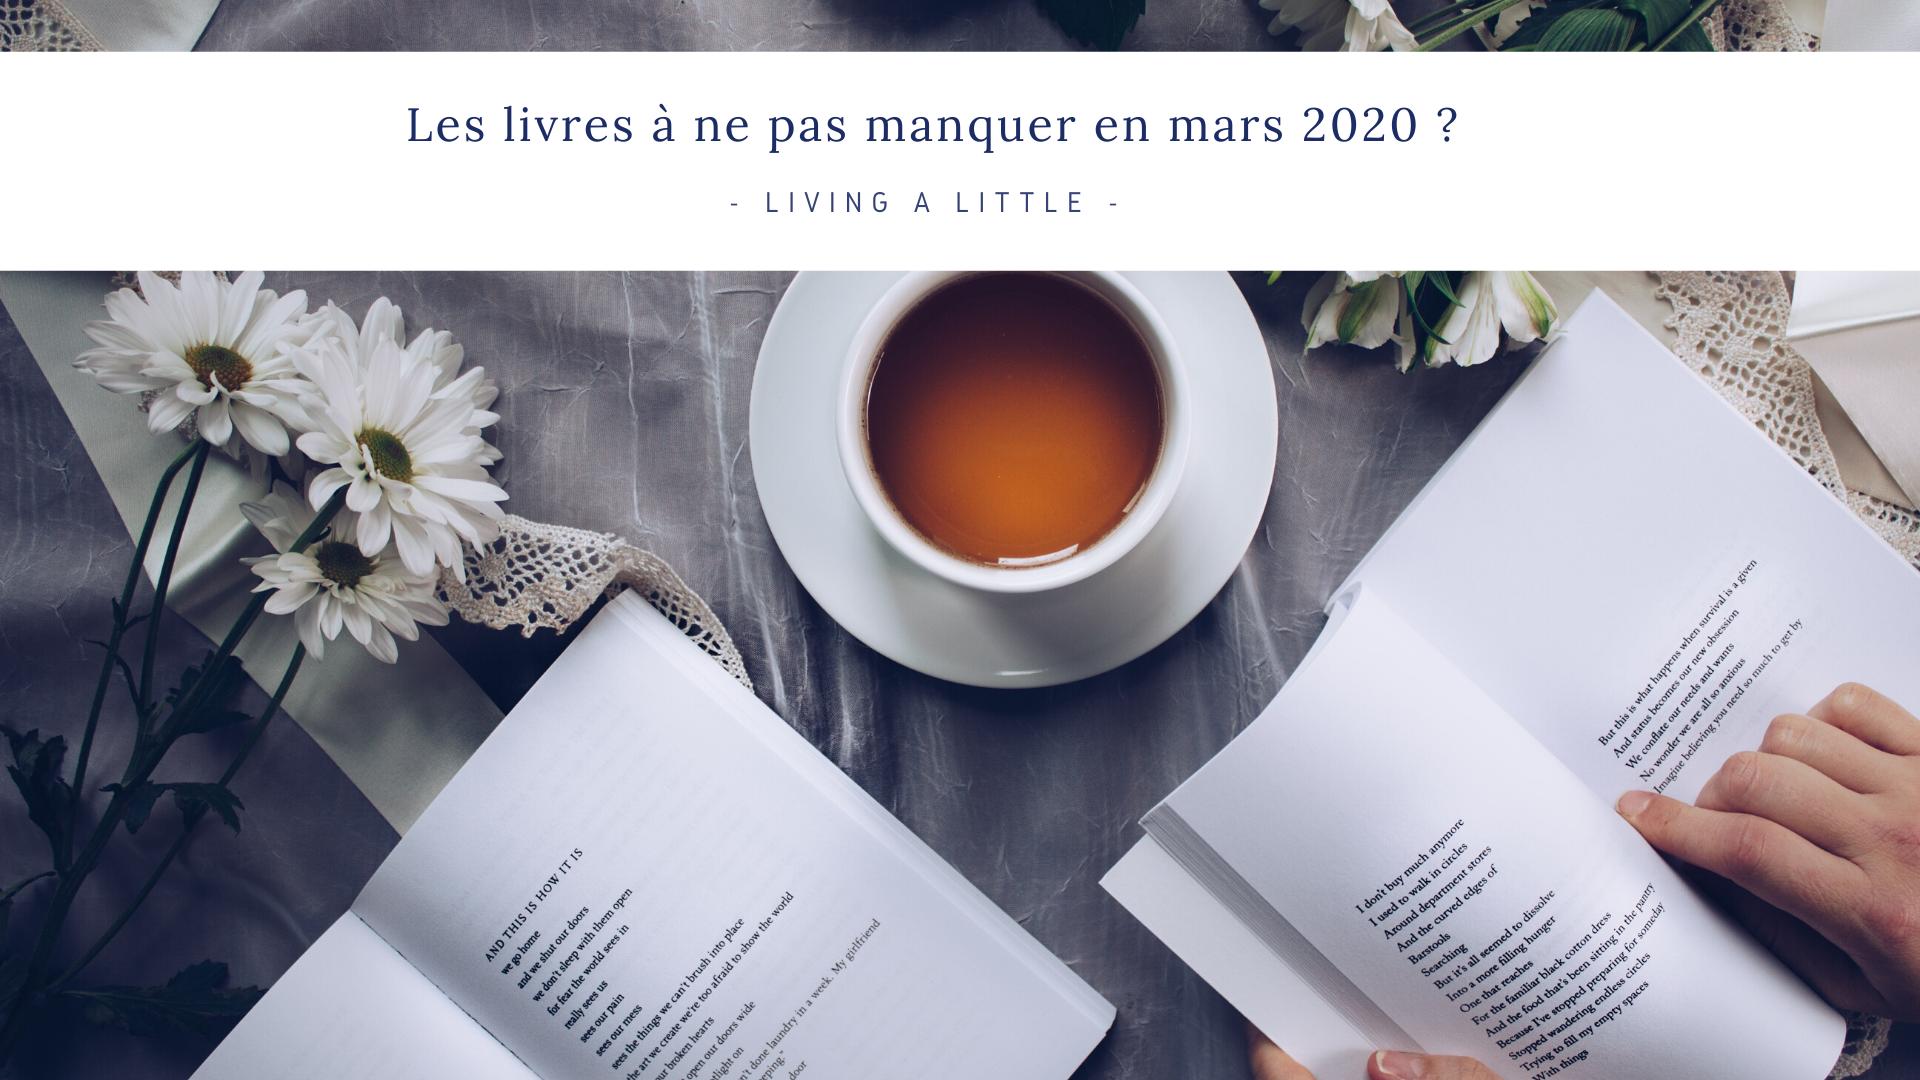 Les livres à ne pas manquer en mars 2020 ?